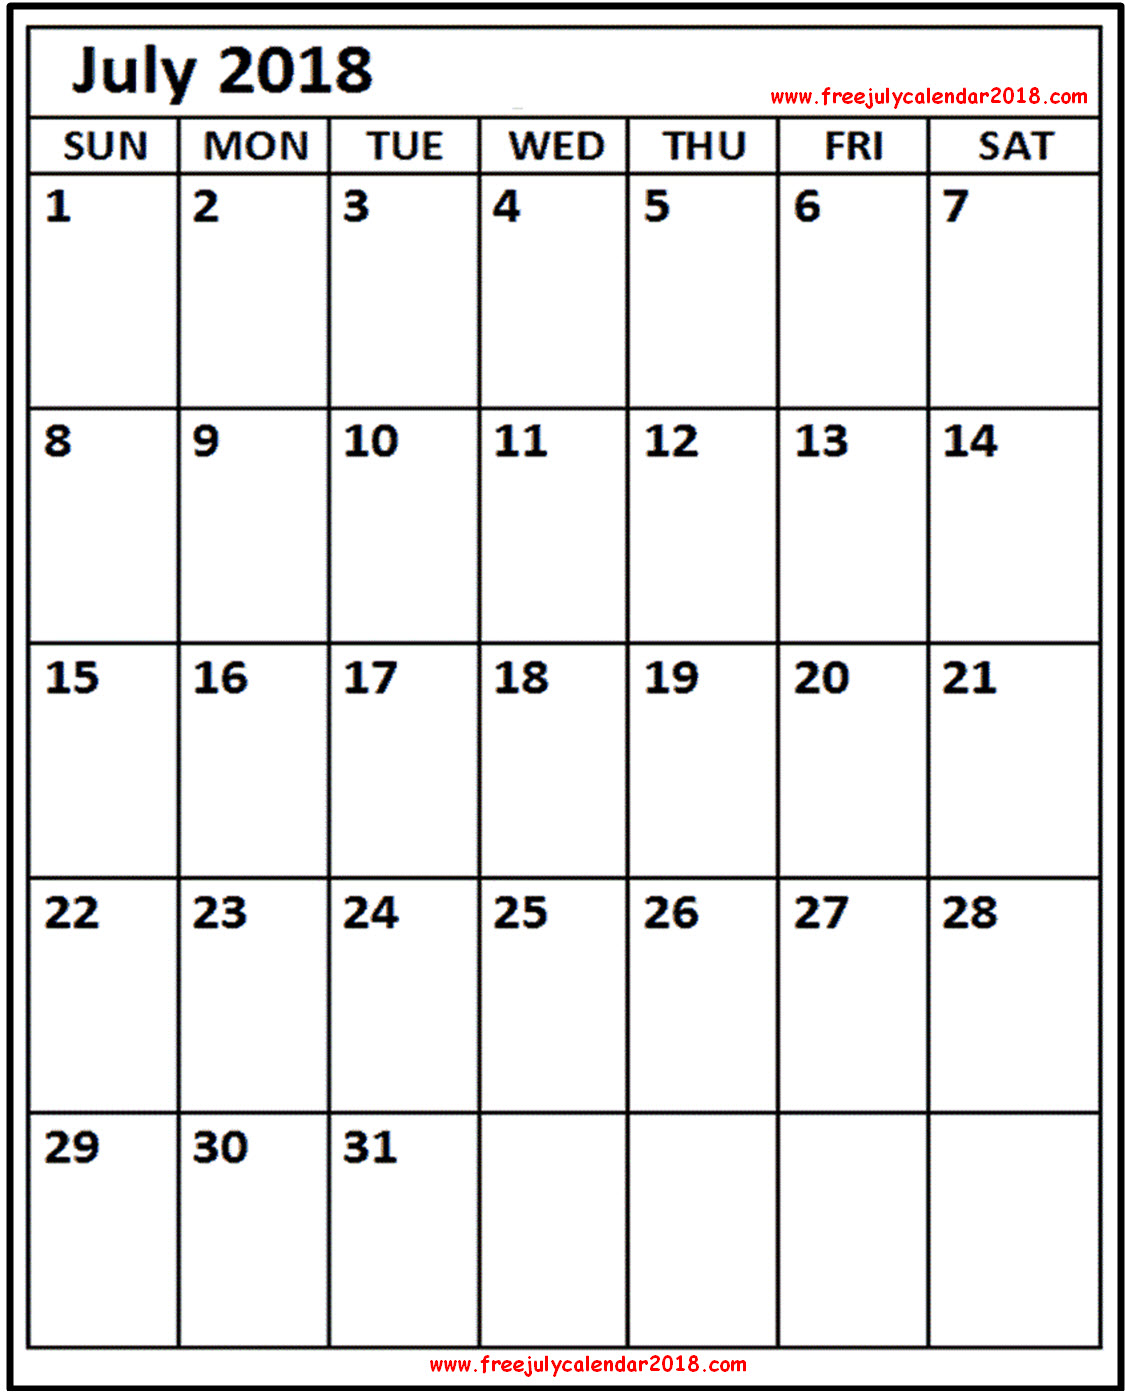 July Calendar 2018 a4